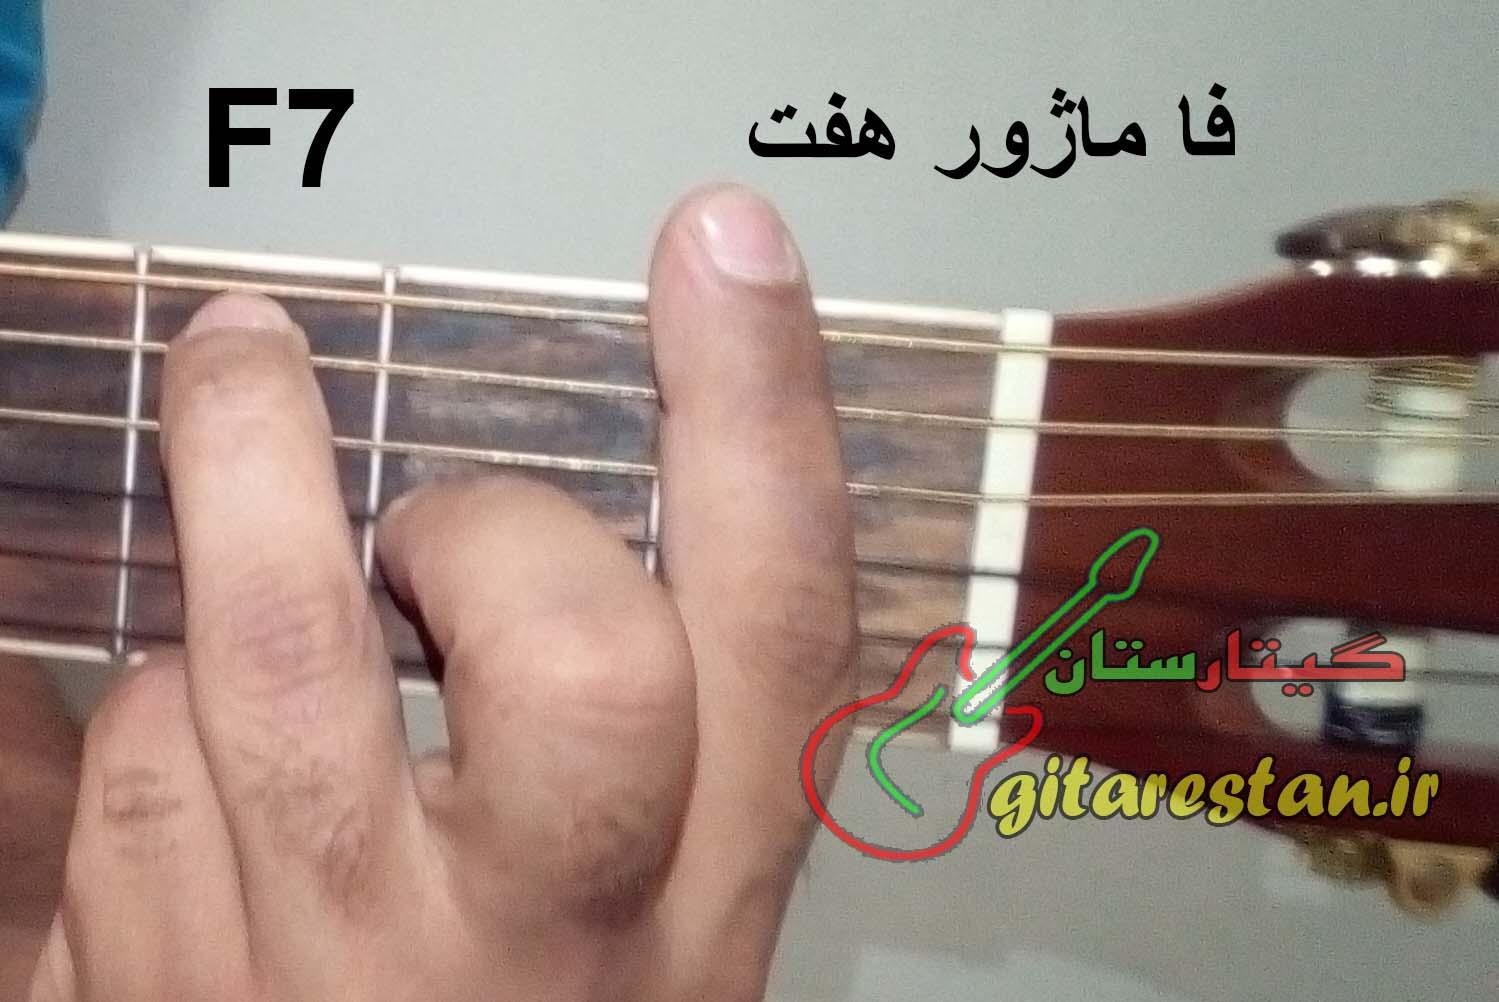 آکورد فا ماژورهفت - گیتارستان